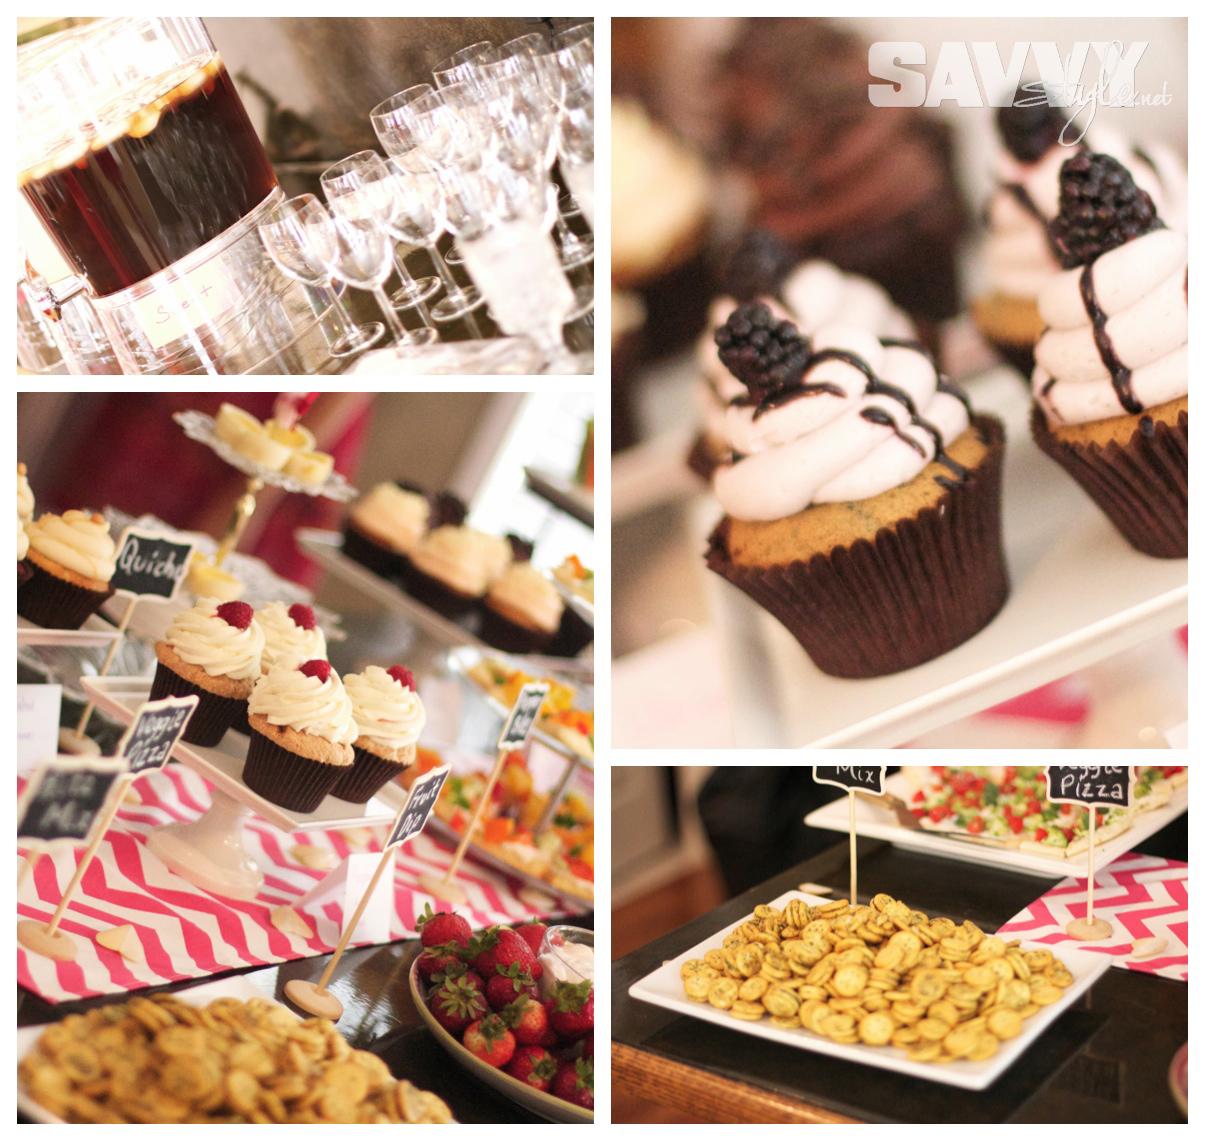 sweet-summer-food-display